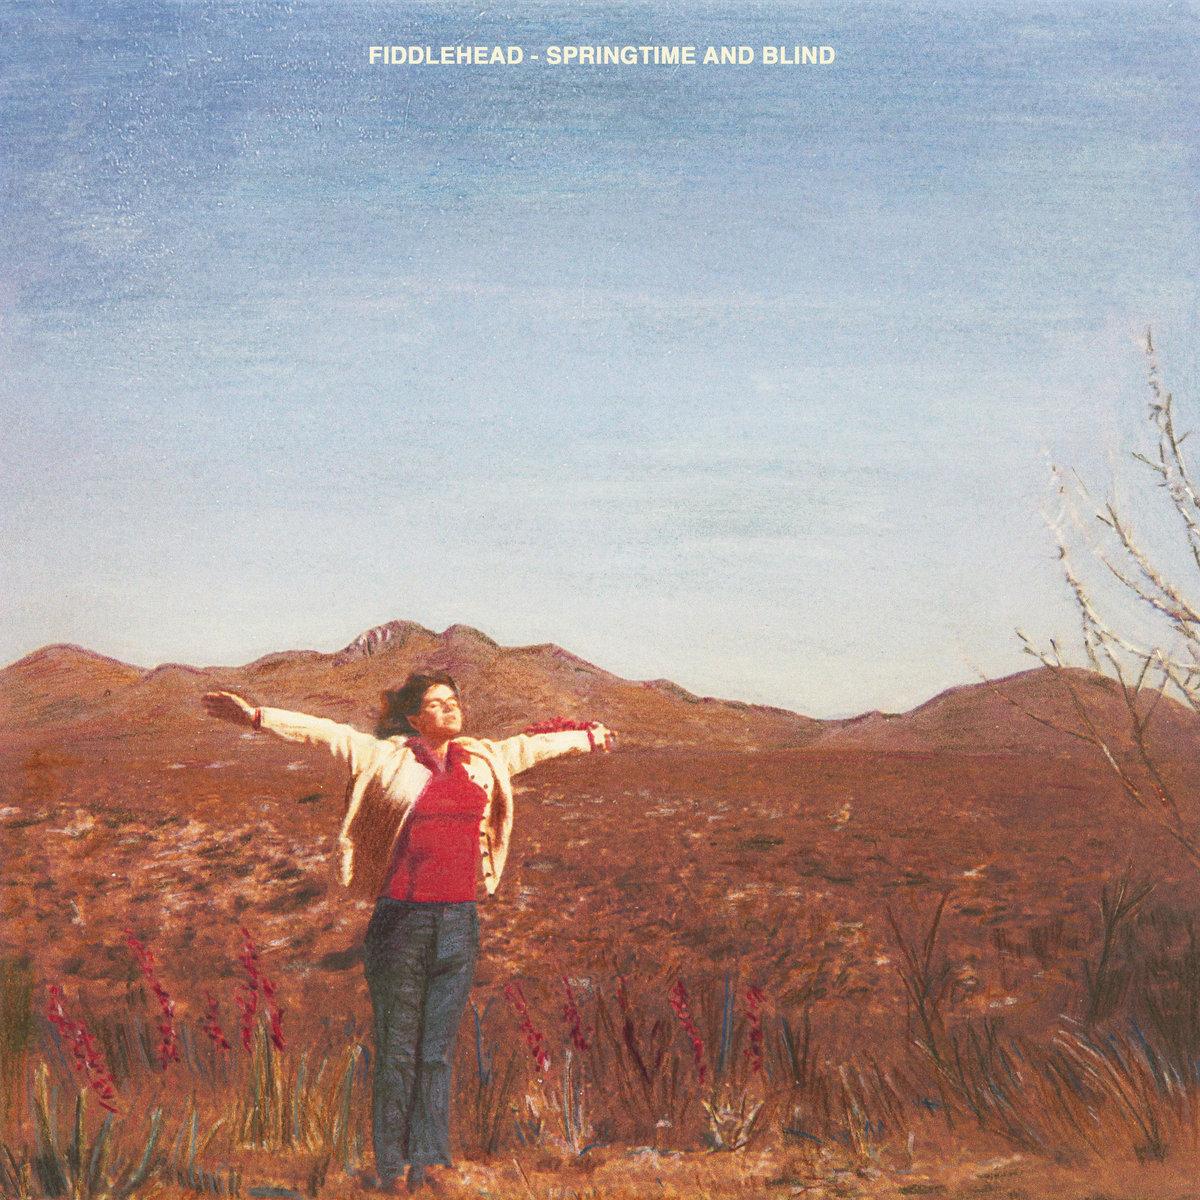 fiddlehead - springtime and blind